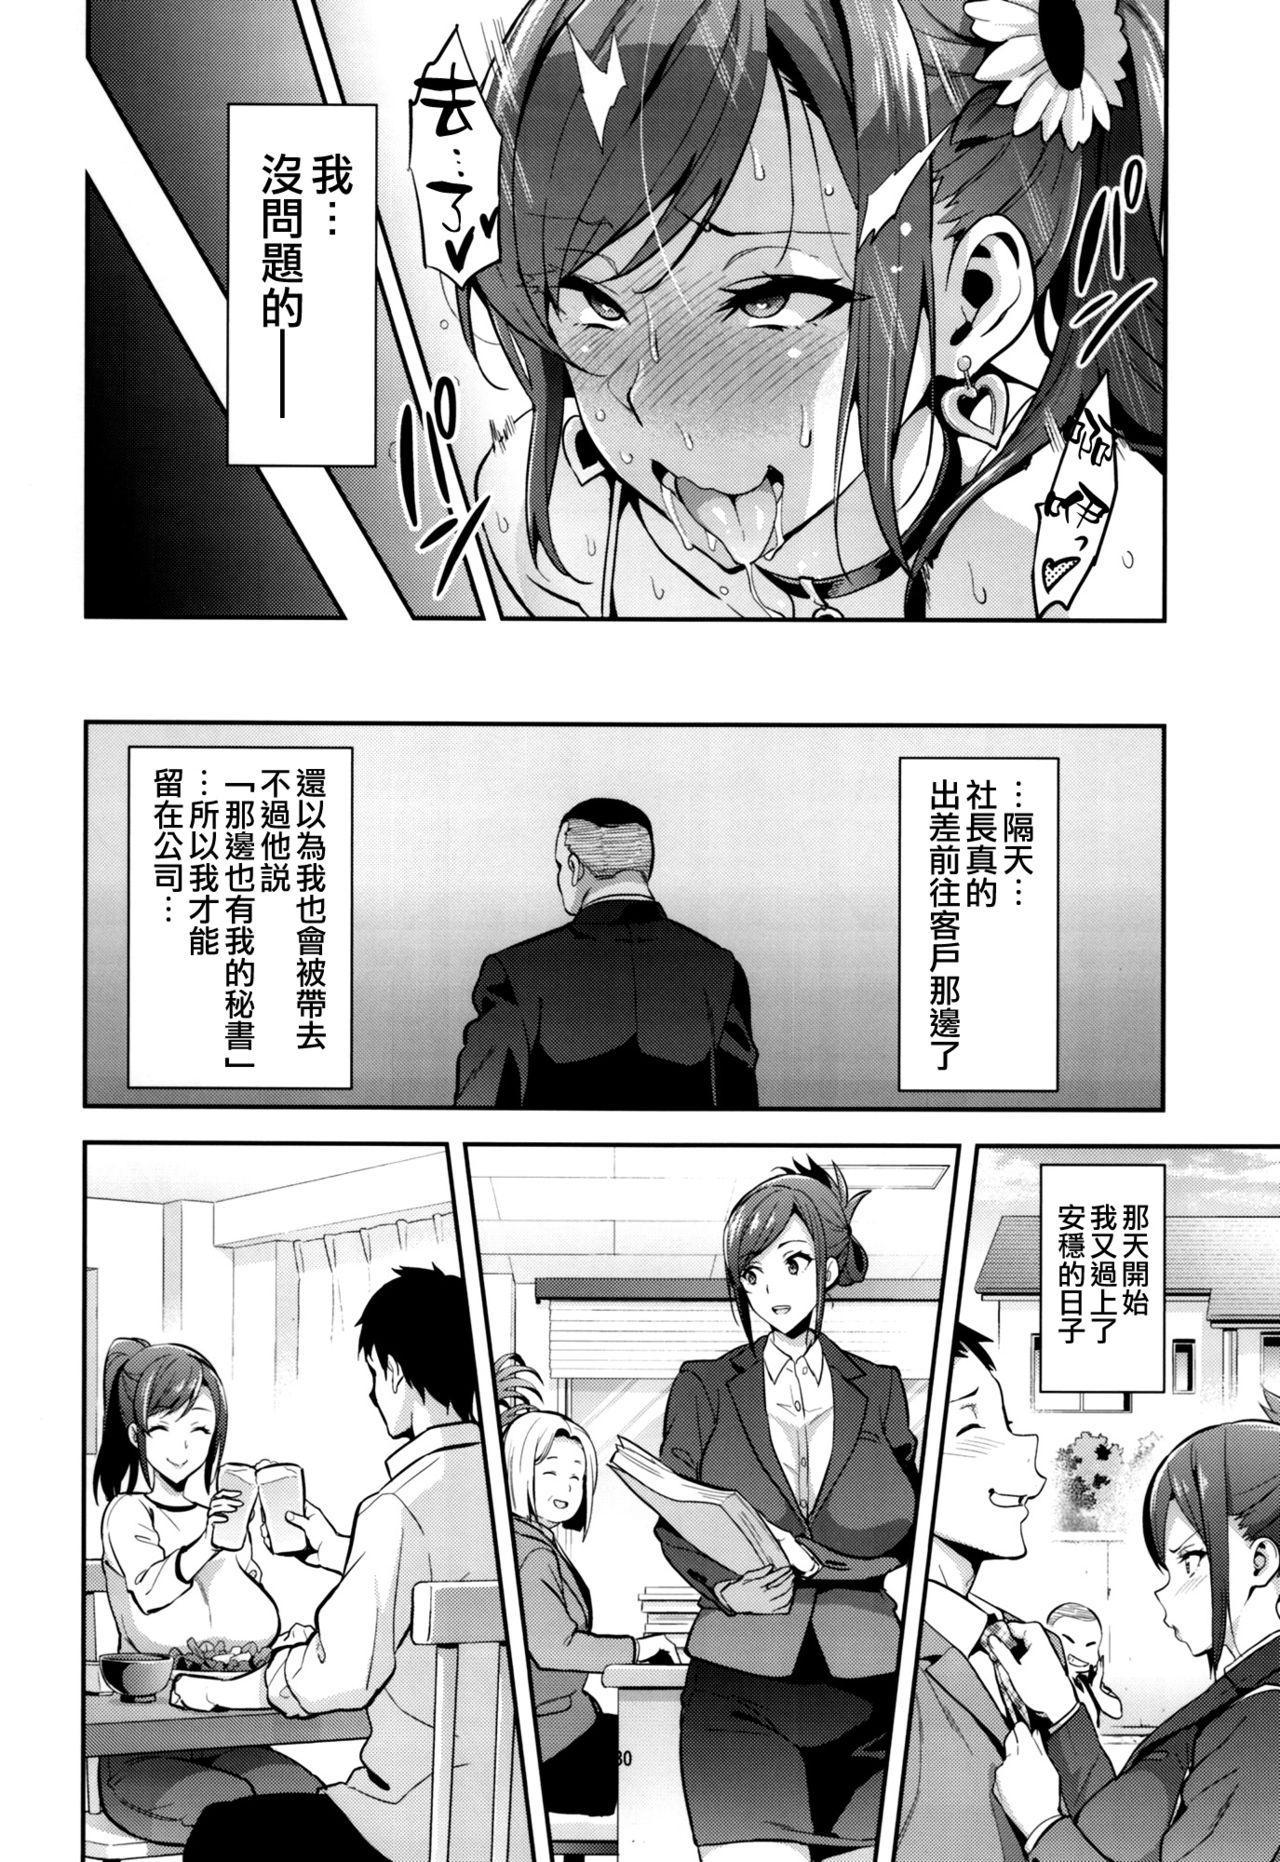 Himawari wa Yoru ni Saku 29